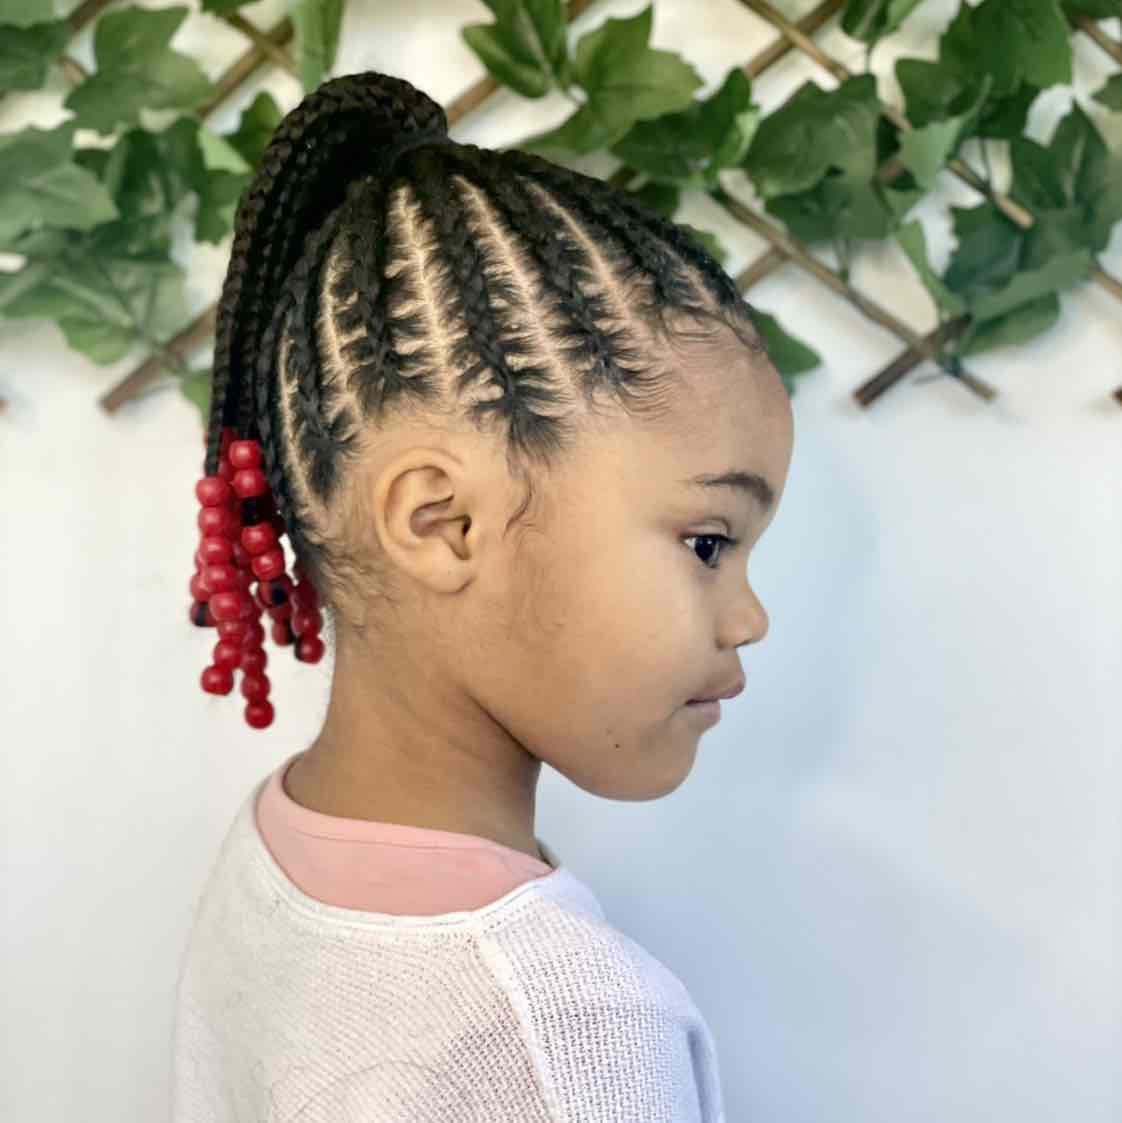 salon de coiffure afro tresse tresses box braids crochet braids vanilles tissages paris 75 77 78 91 92 93 94 95 DJUPTERV